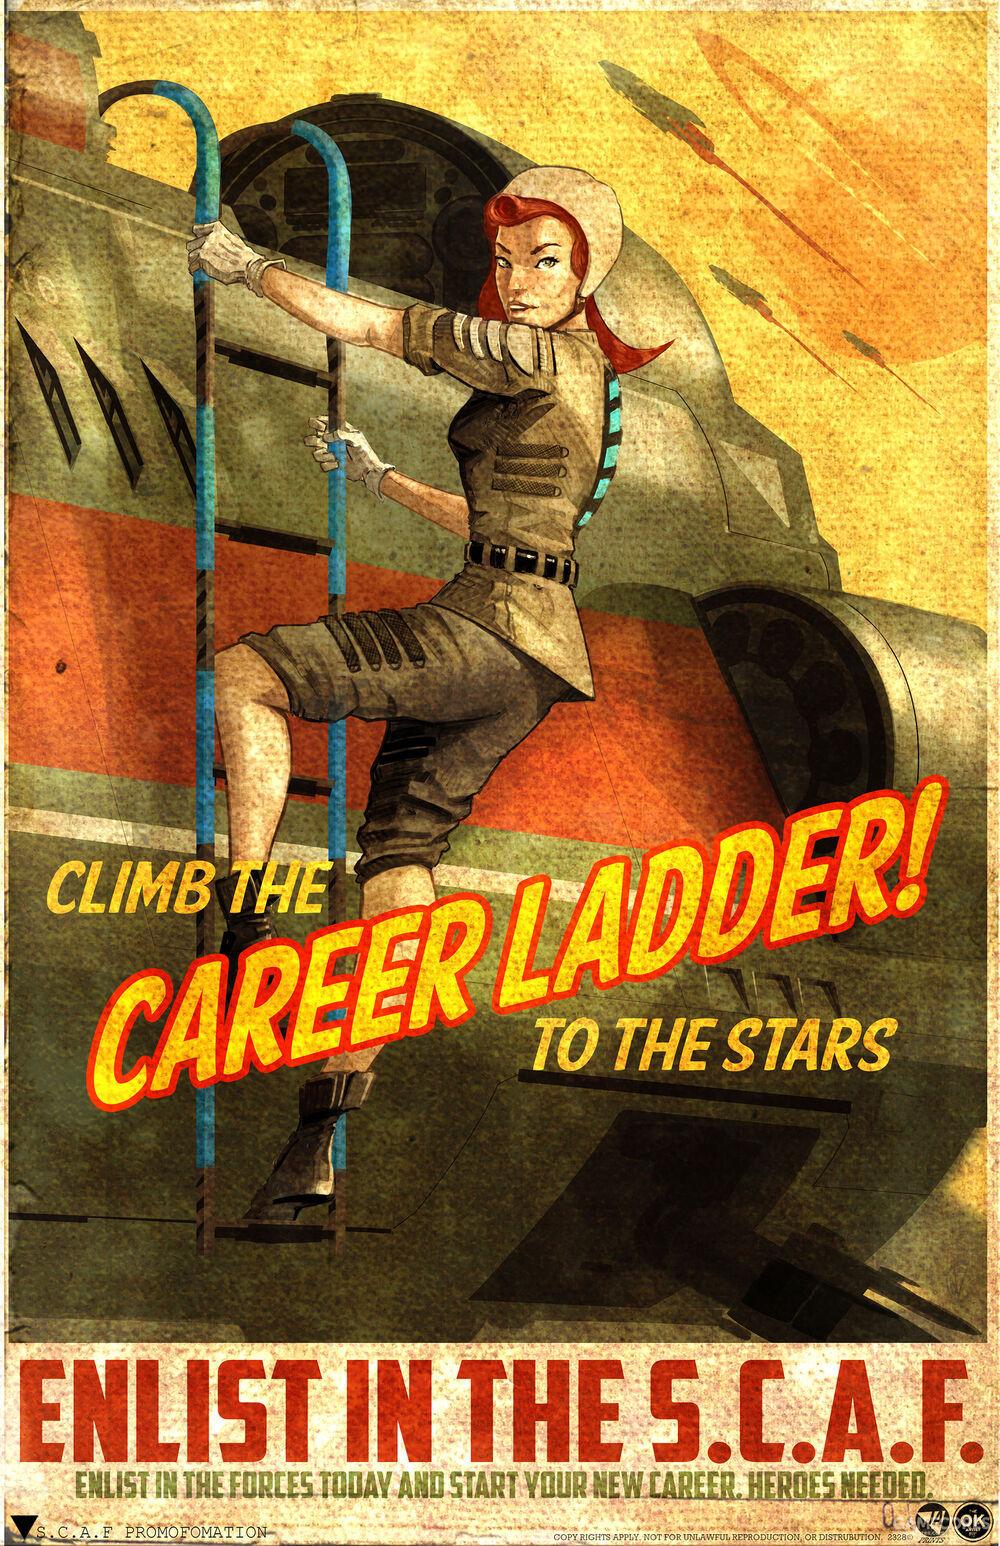 从攀梯到明星,加入联盟军队吧!